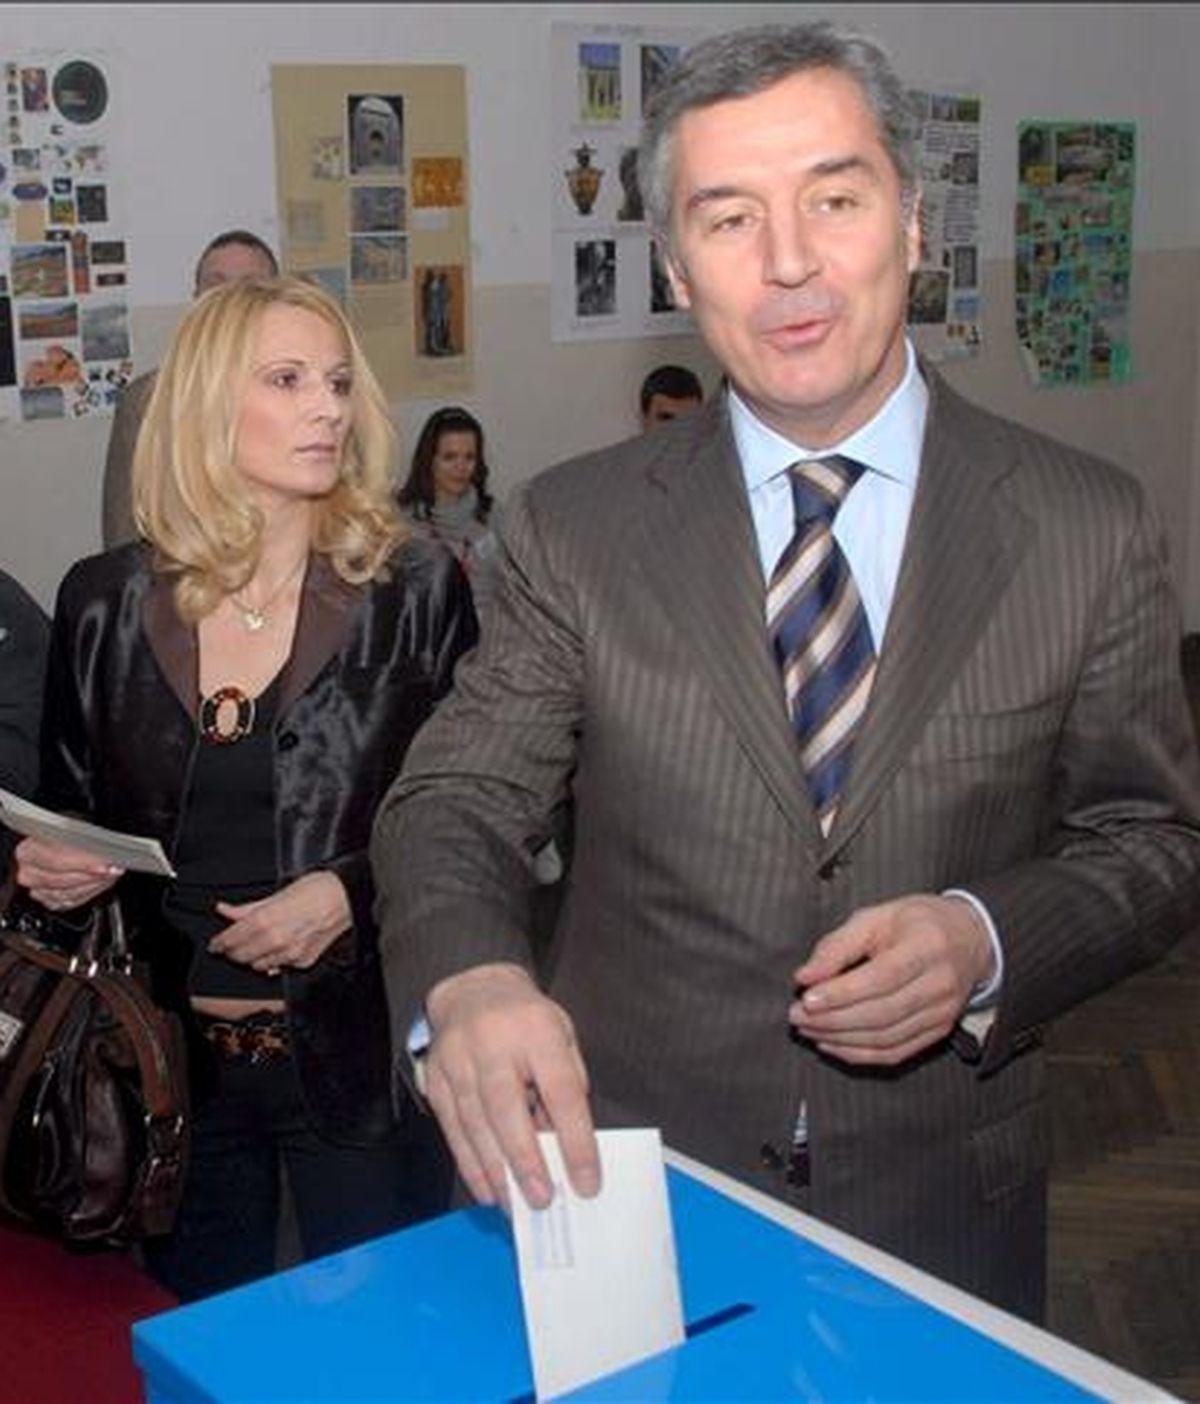 El nuevo Gobierno de Montenegro, liderado por Milo Djukanovic en su sexto mandato como primer ministro, recibió hoy el respaldo mayoritario del Parlamento. EFE/Archivo